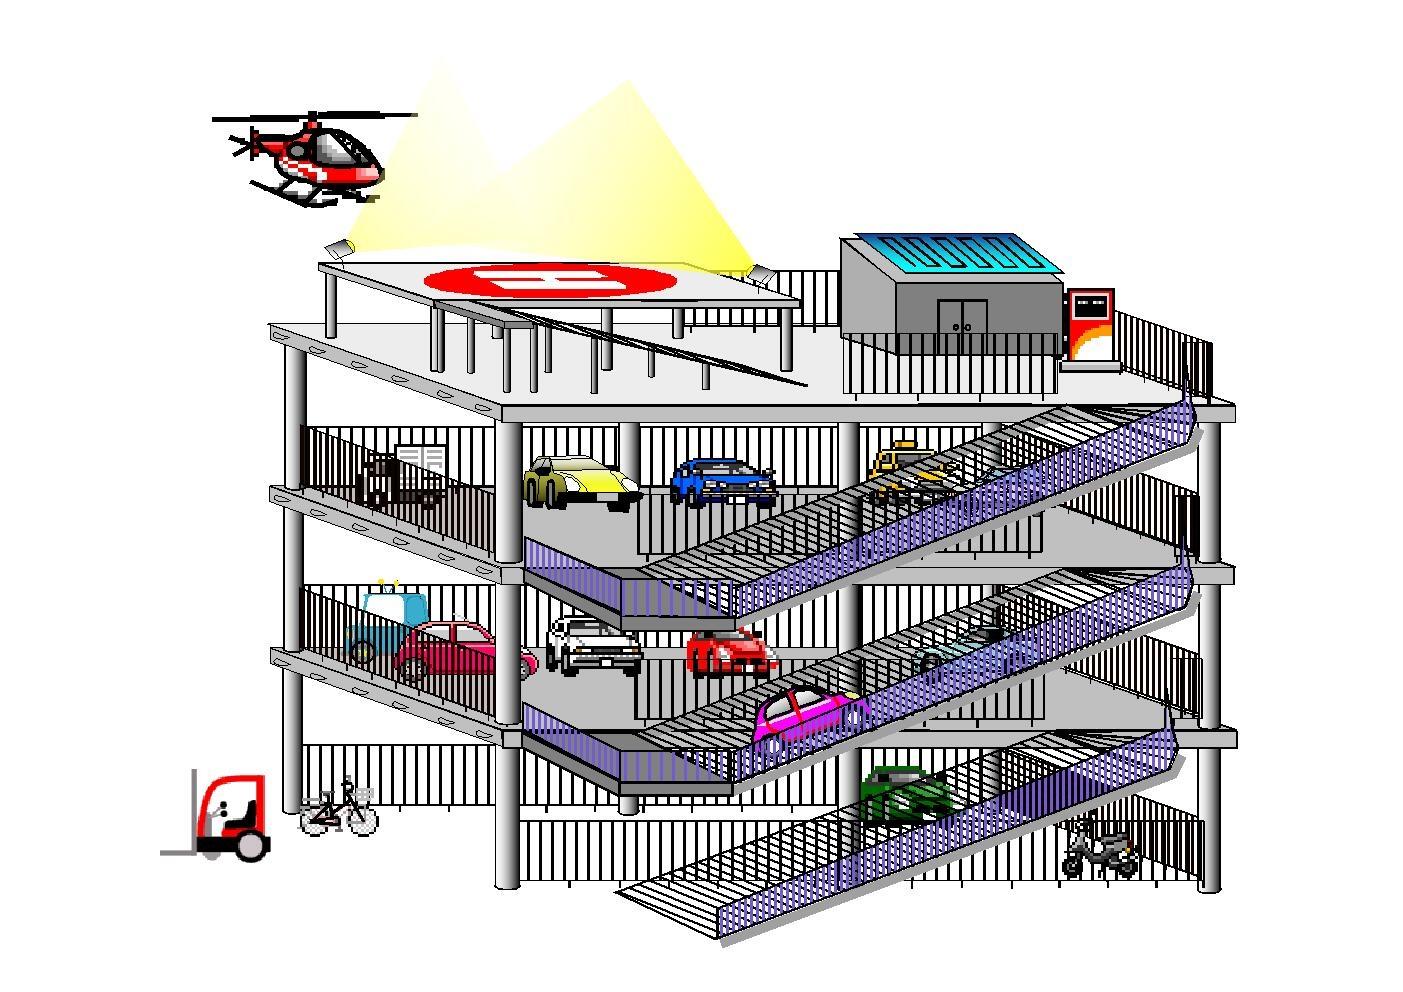 災害対応ヘリポートのイメージ